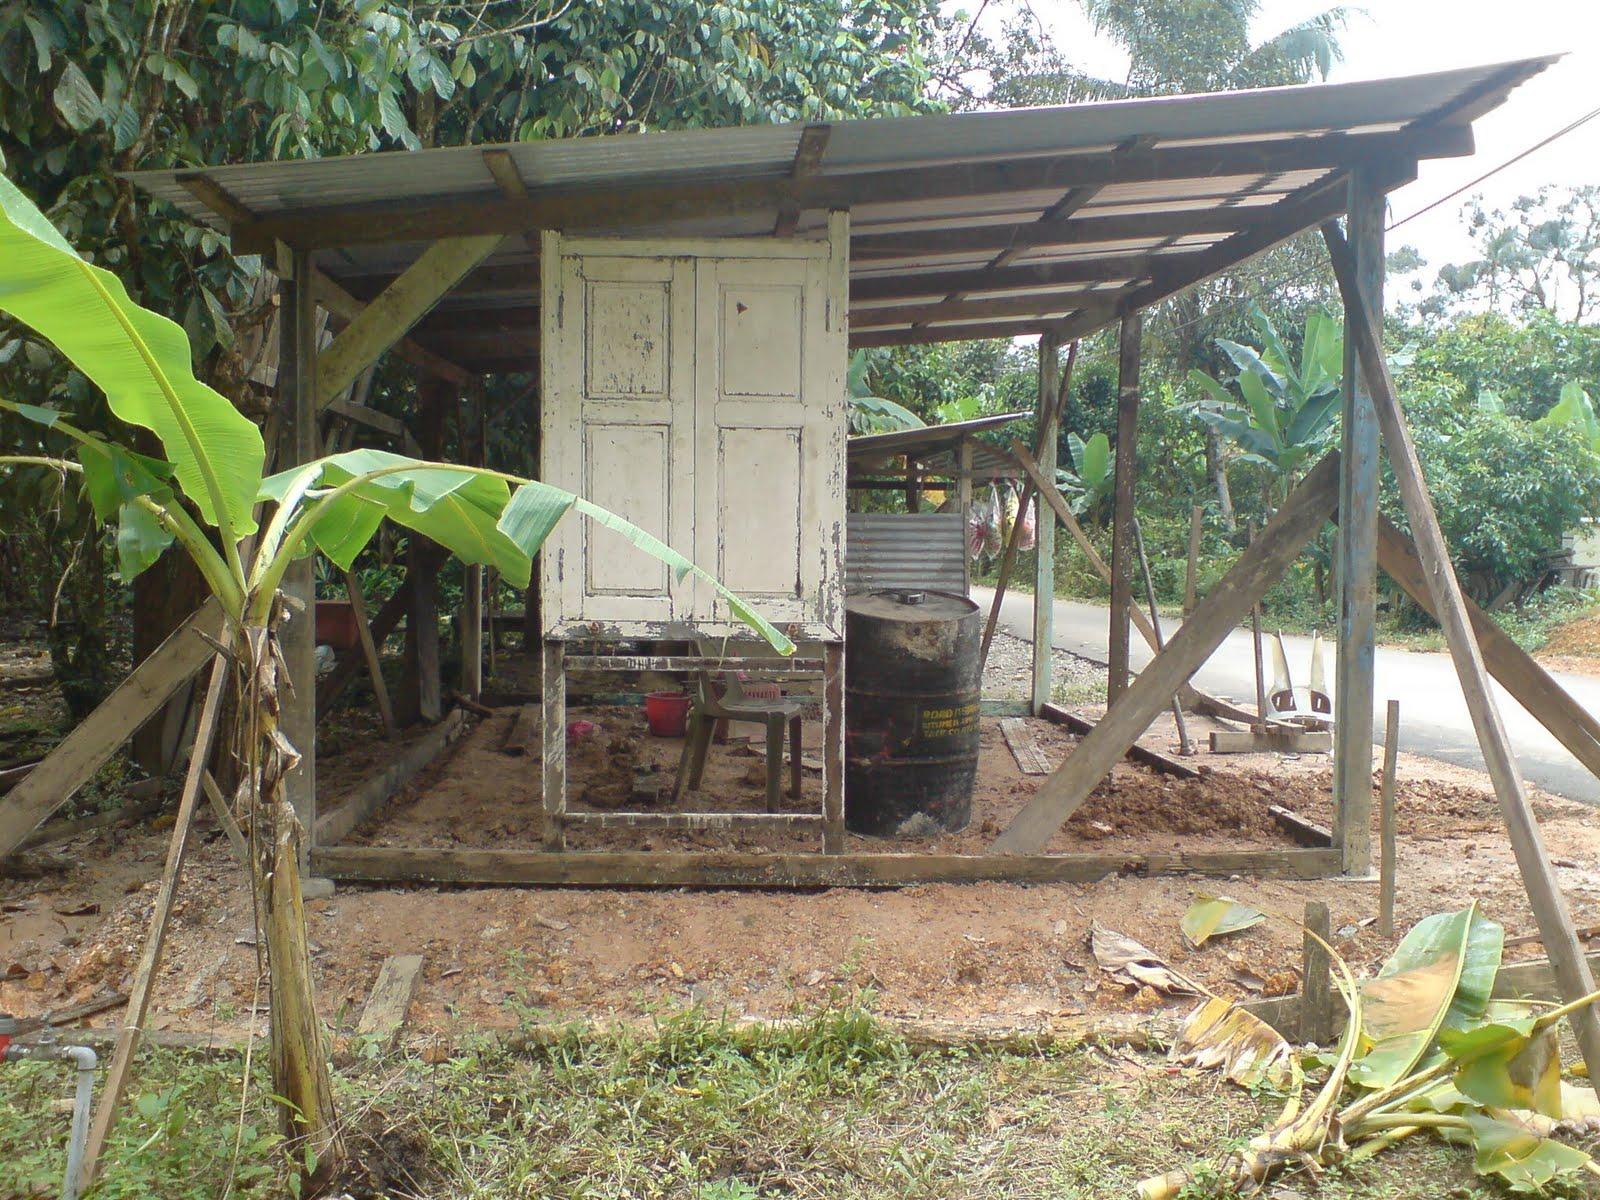 Bingkai Pintu Dan Kayu Untuk Pembinaan Kedai Ini Di Beli Secara Borong Sume Terpakai Rm100